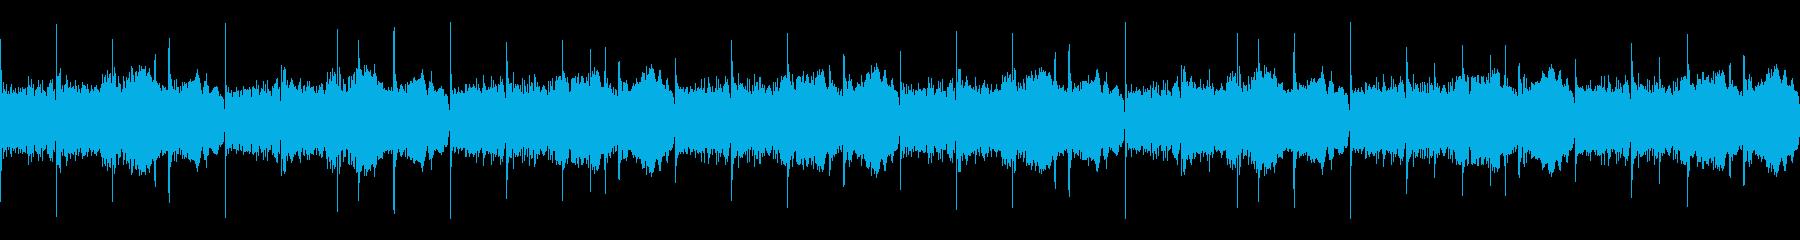 暗くて悲しいバラードな曲調 ループ可能の再生済みの波形